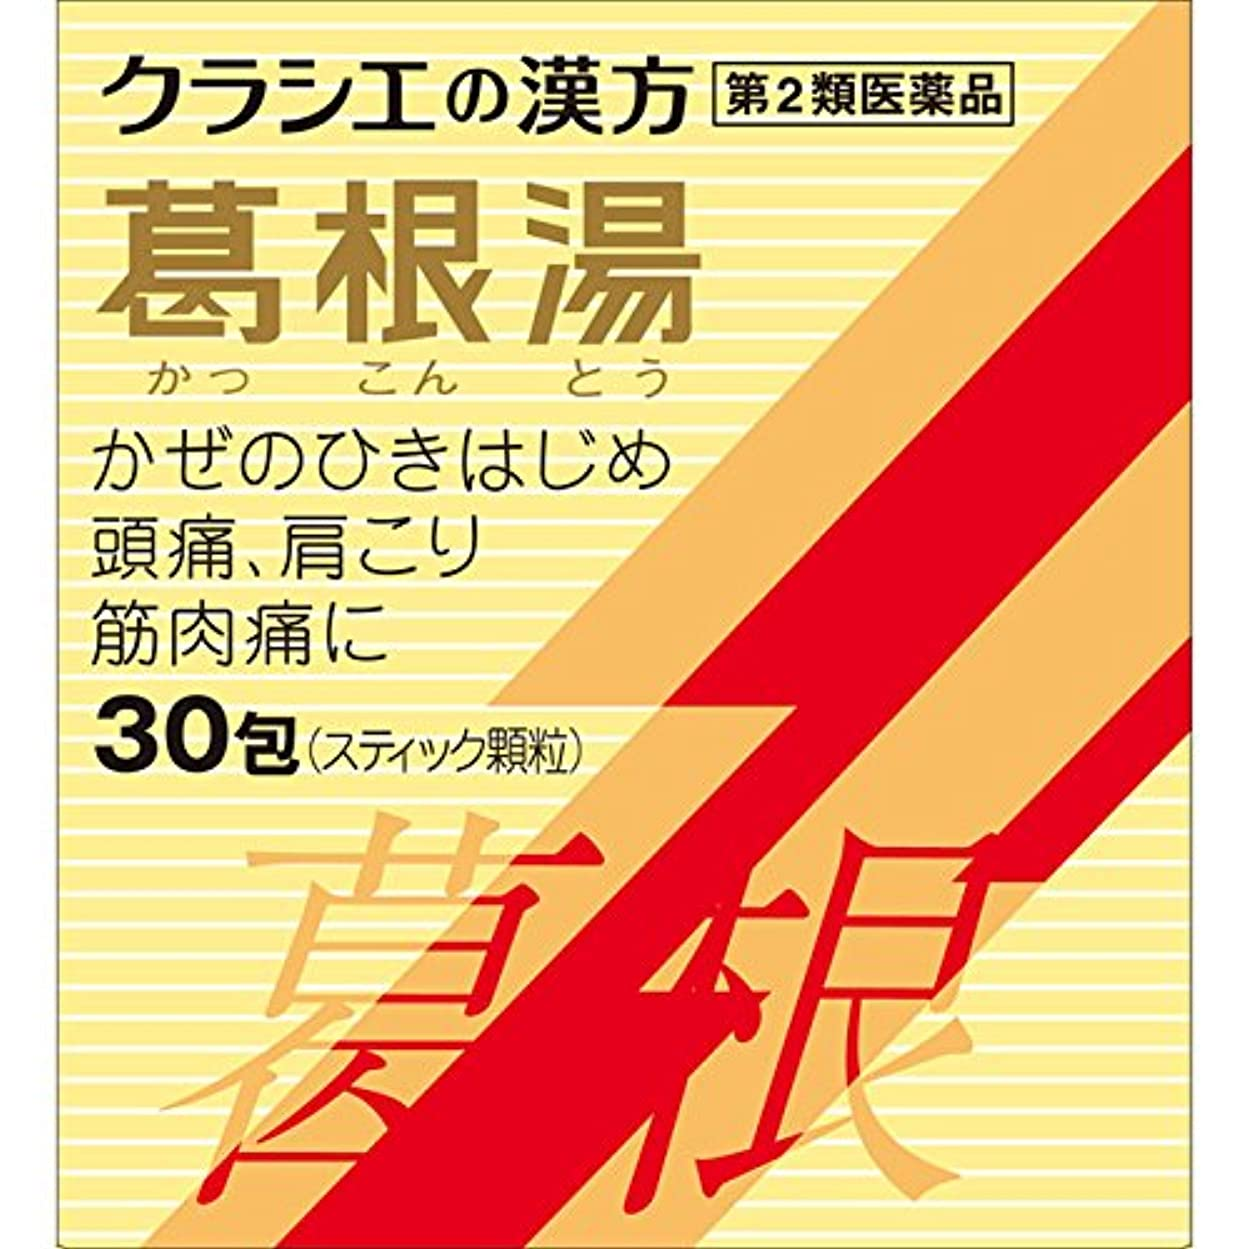 赤道似ている開示する【第2類医薬品】葛根湯エキス顆粒Sクラシエ 30包